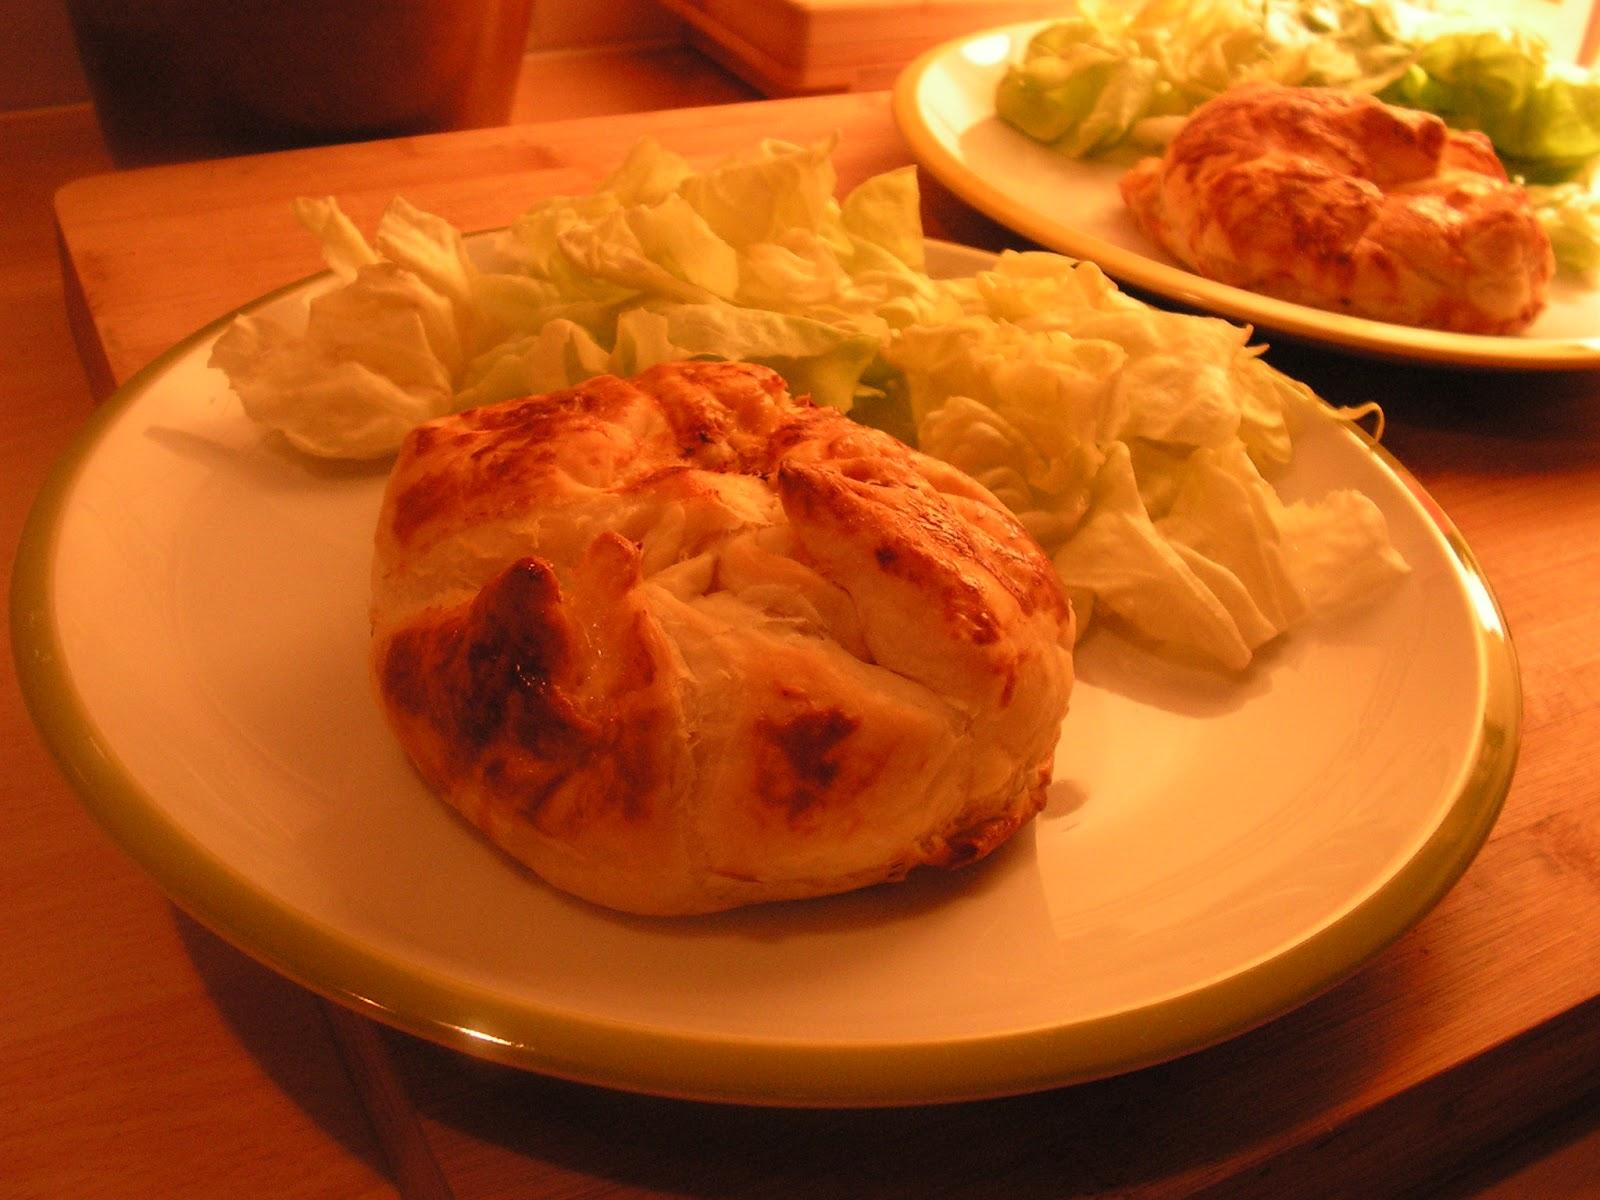 Cuisine loisir croustade au poulet r ti - Cuisiner un poulet roti ...